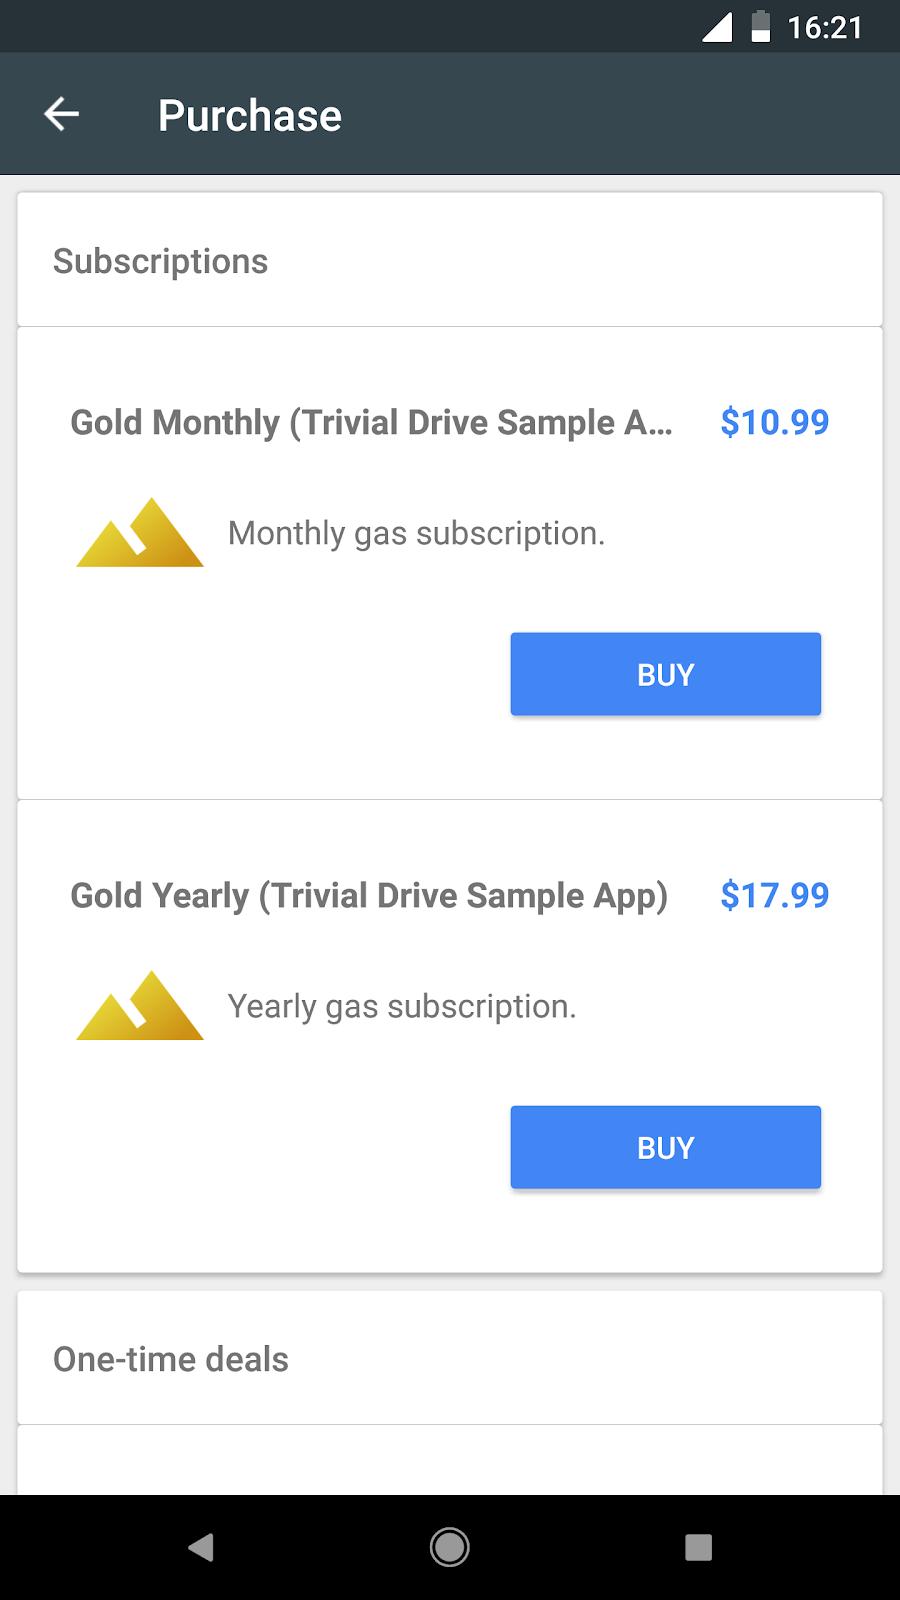 esta aplicación contiene dos niveles de suscripción